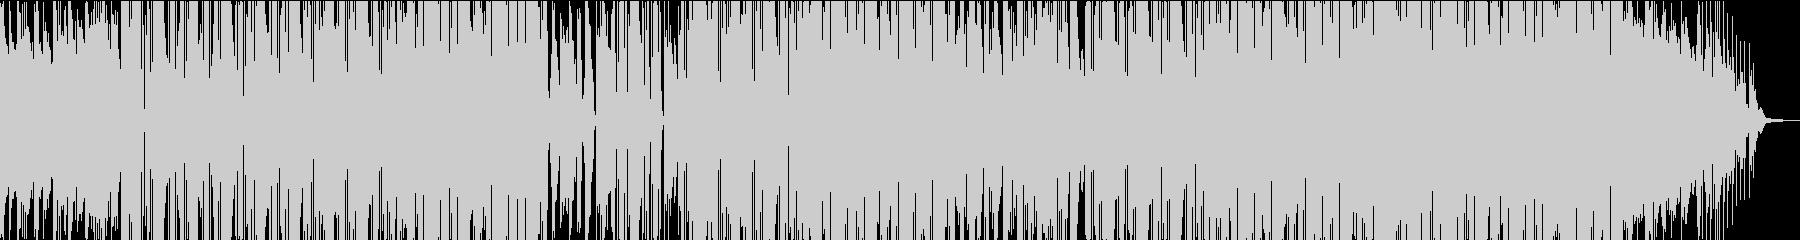 ラジオ風 古き良き時代のピアノビートの未再生の波形